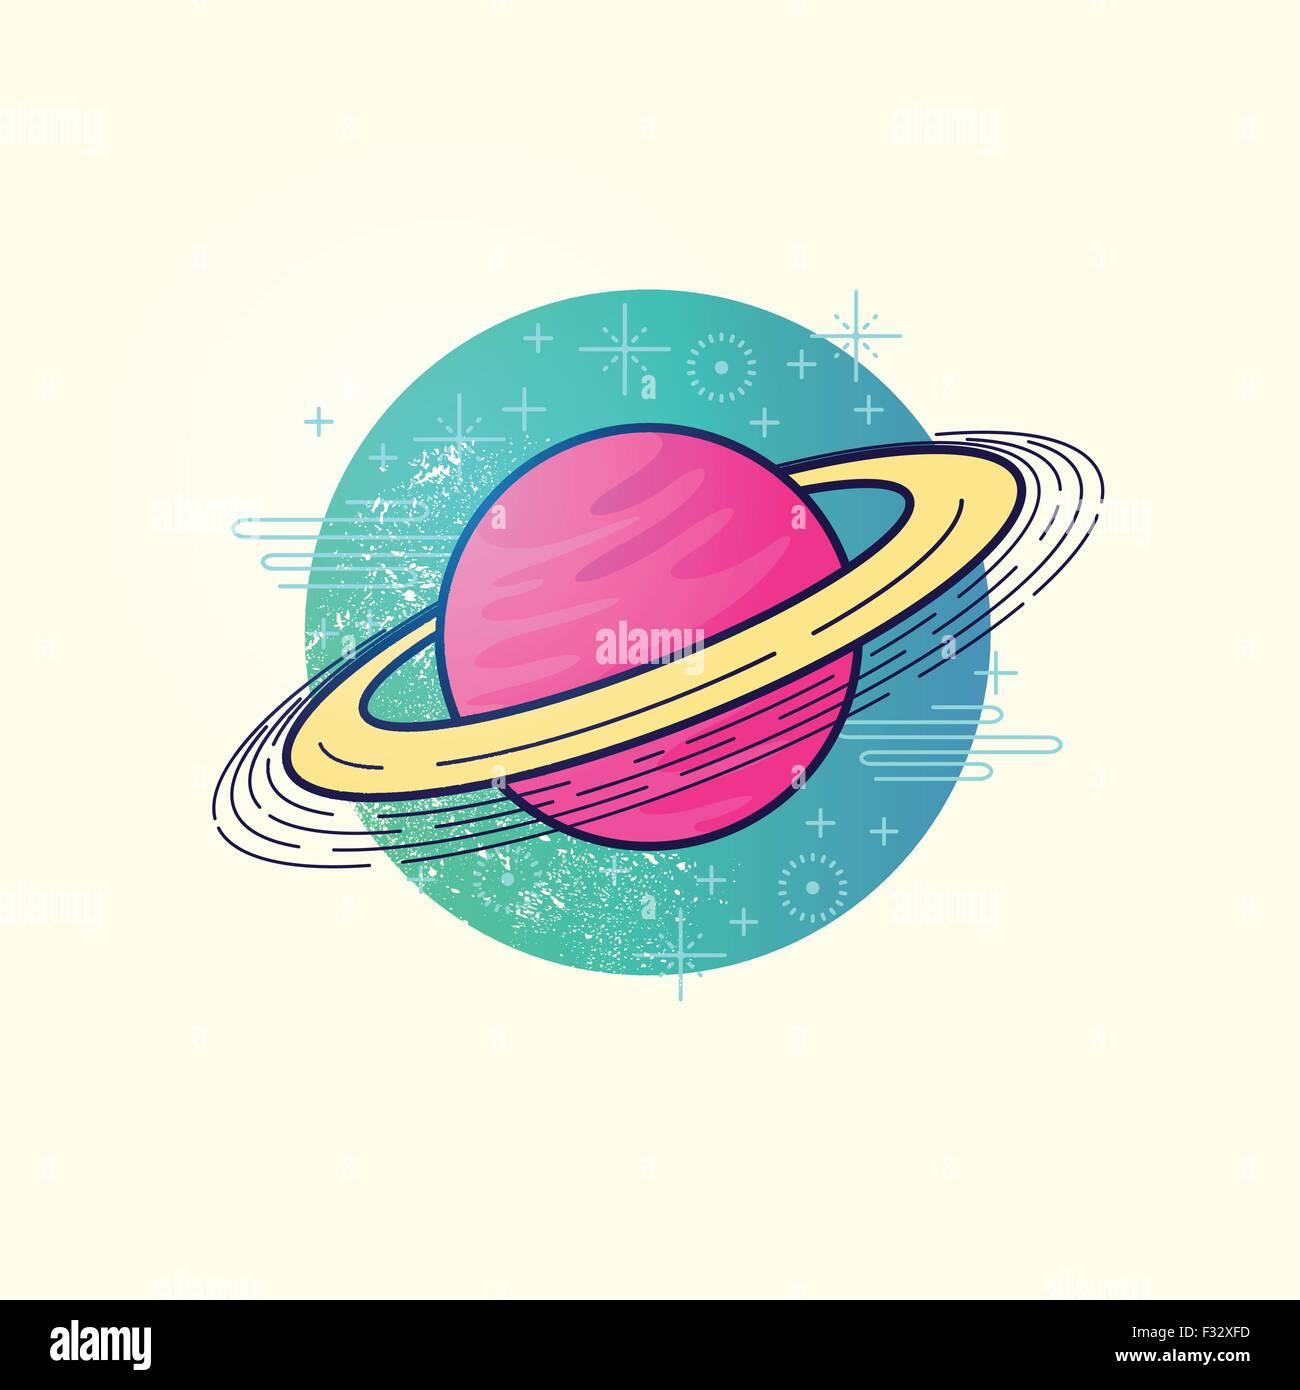 Espacio vectorial Planeta. Un gran planeta gaseoso con un sistema de anillos. ilustración vectorial Imagen De Stock